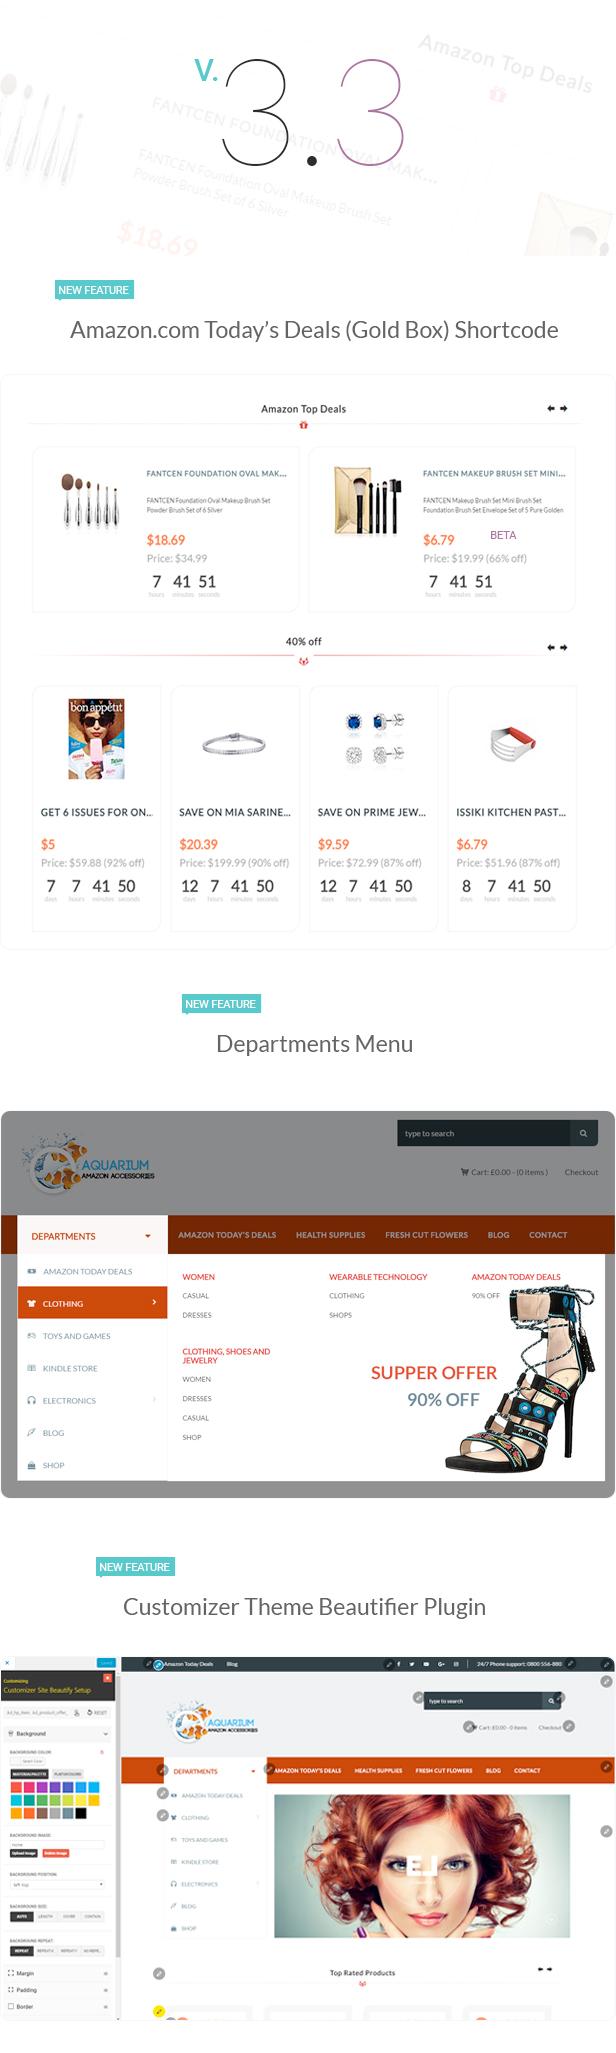 kingdom3.3 upd - Kingdom - WooCommerce Amazon Affiliates Theme